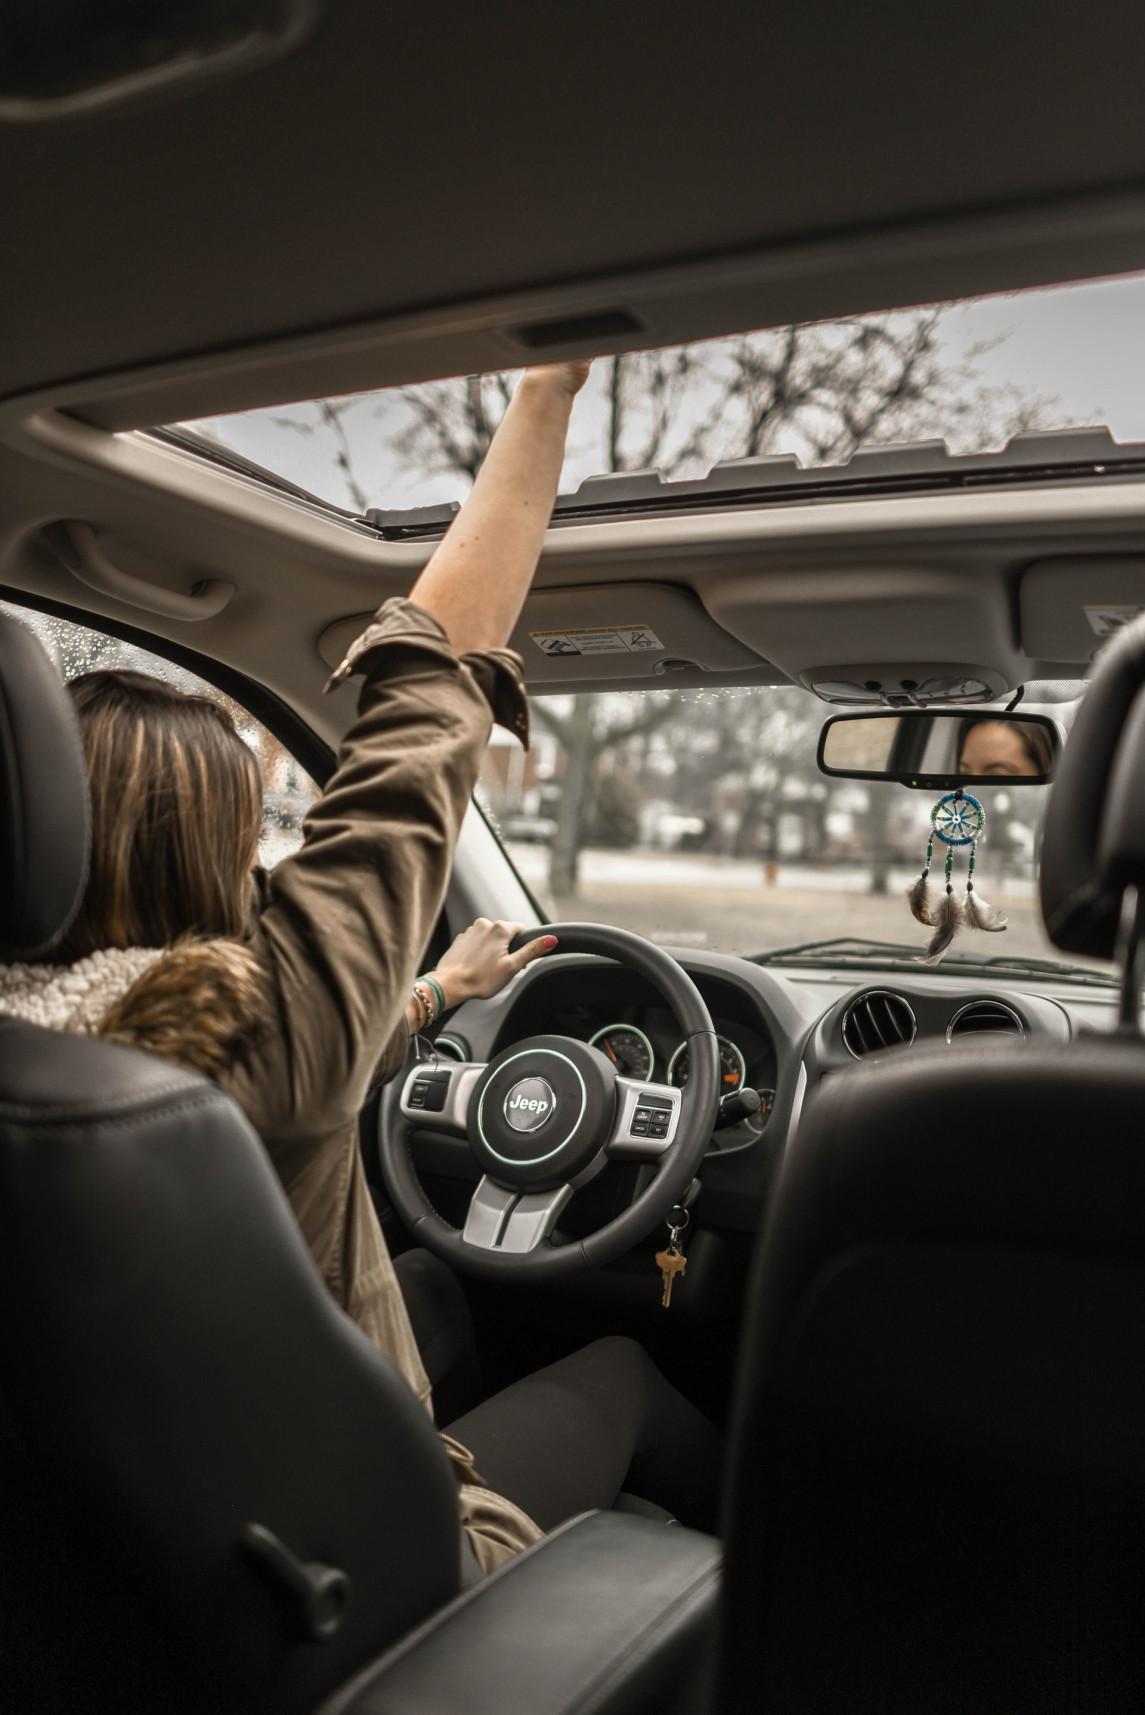 adult-adventure-automotive-1051071.jpg